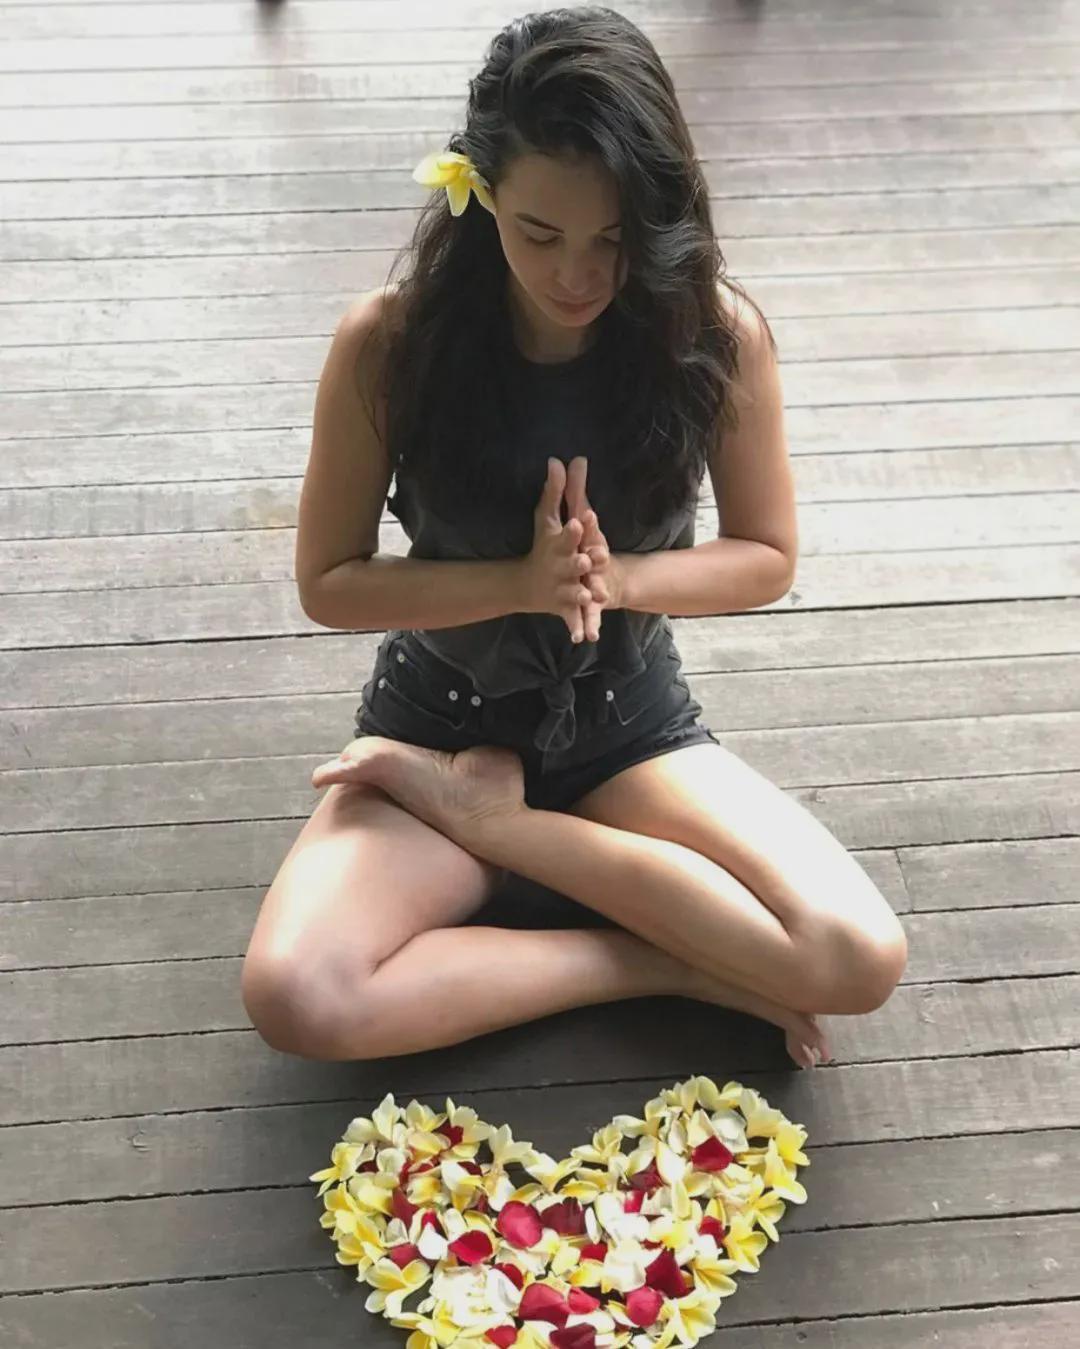 冥想5分钟,清除精神毒素,瑜伽科普了解一下